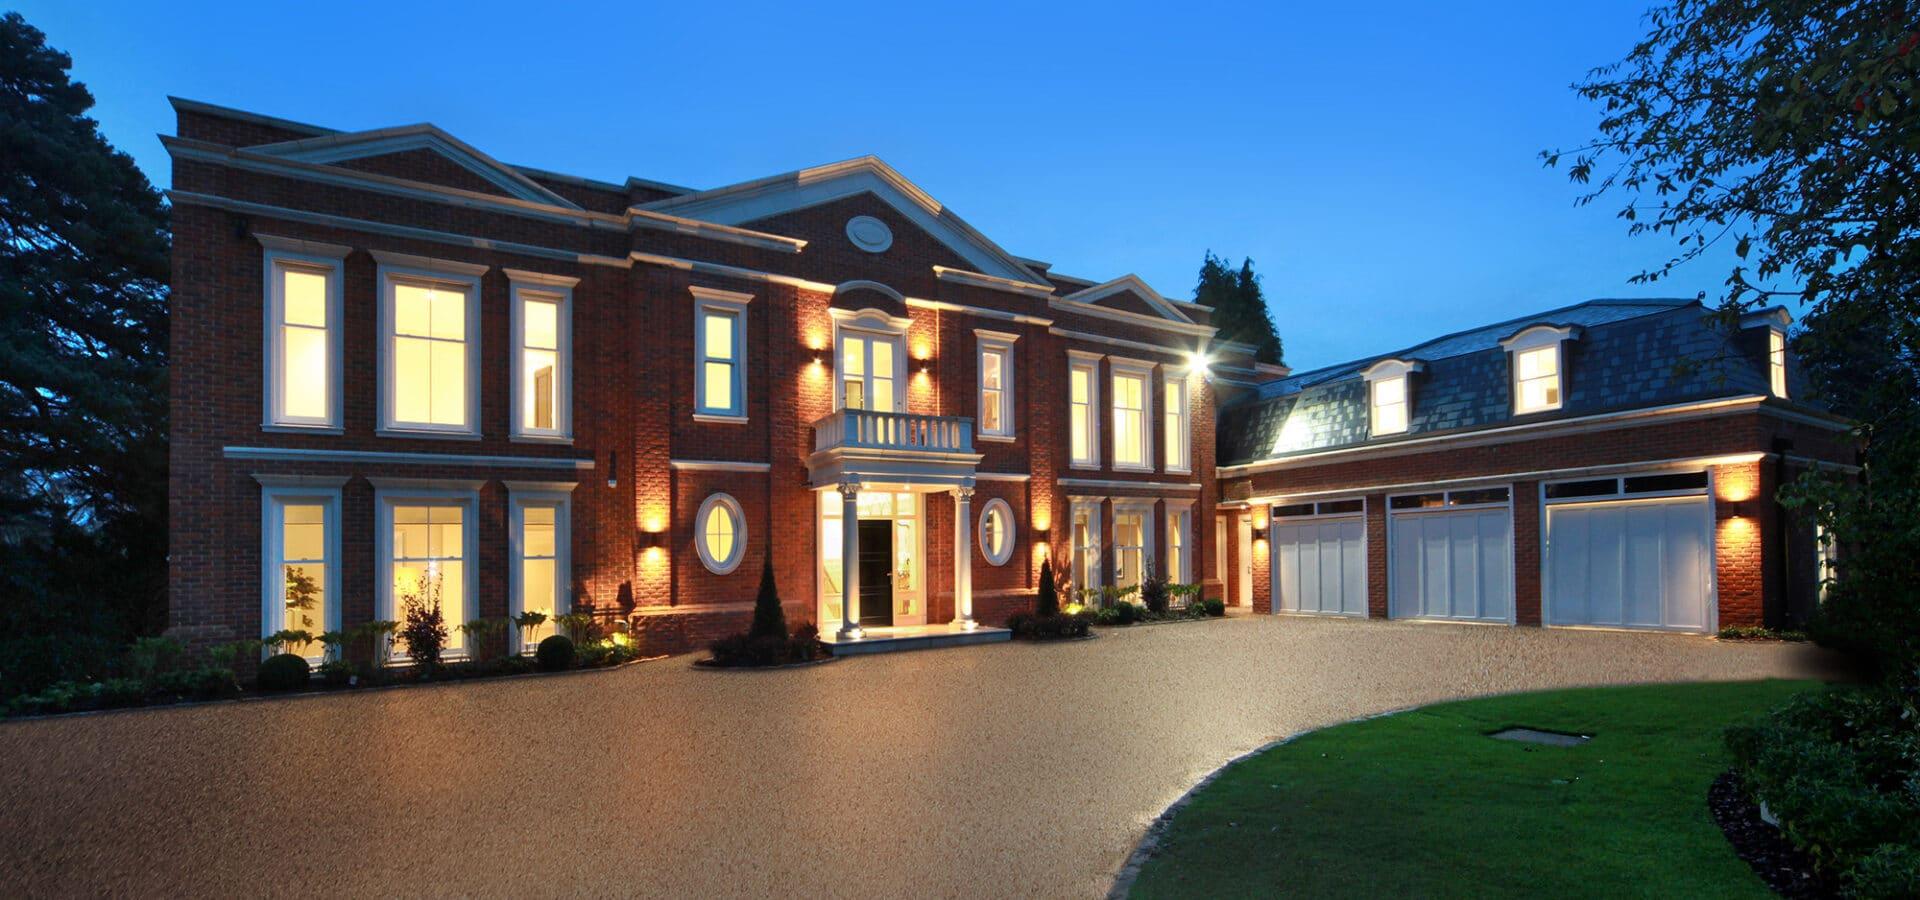 Wonderful Falconwood House